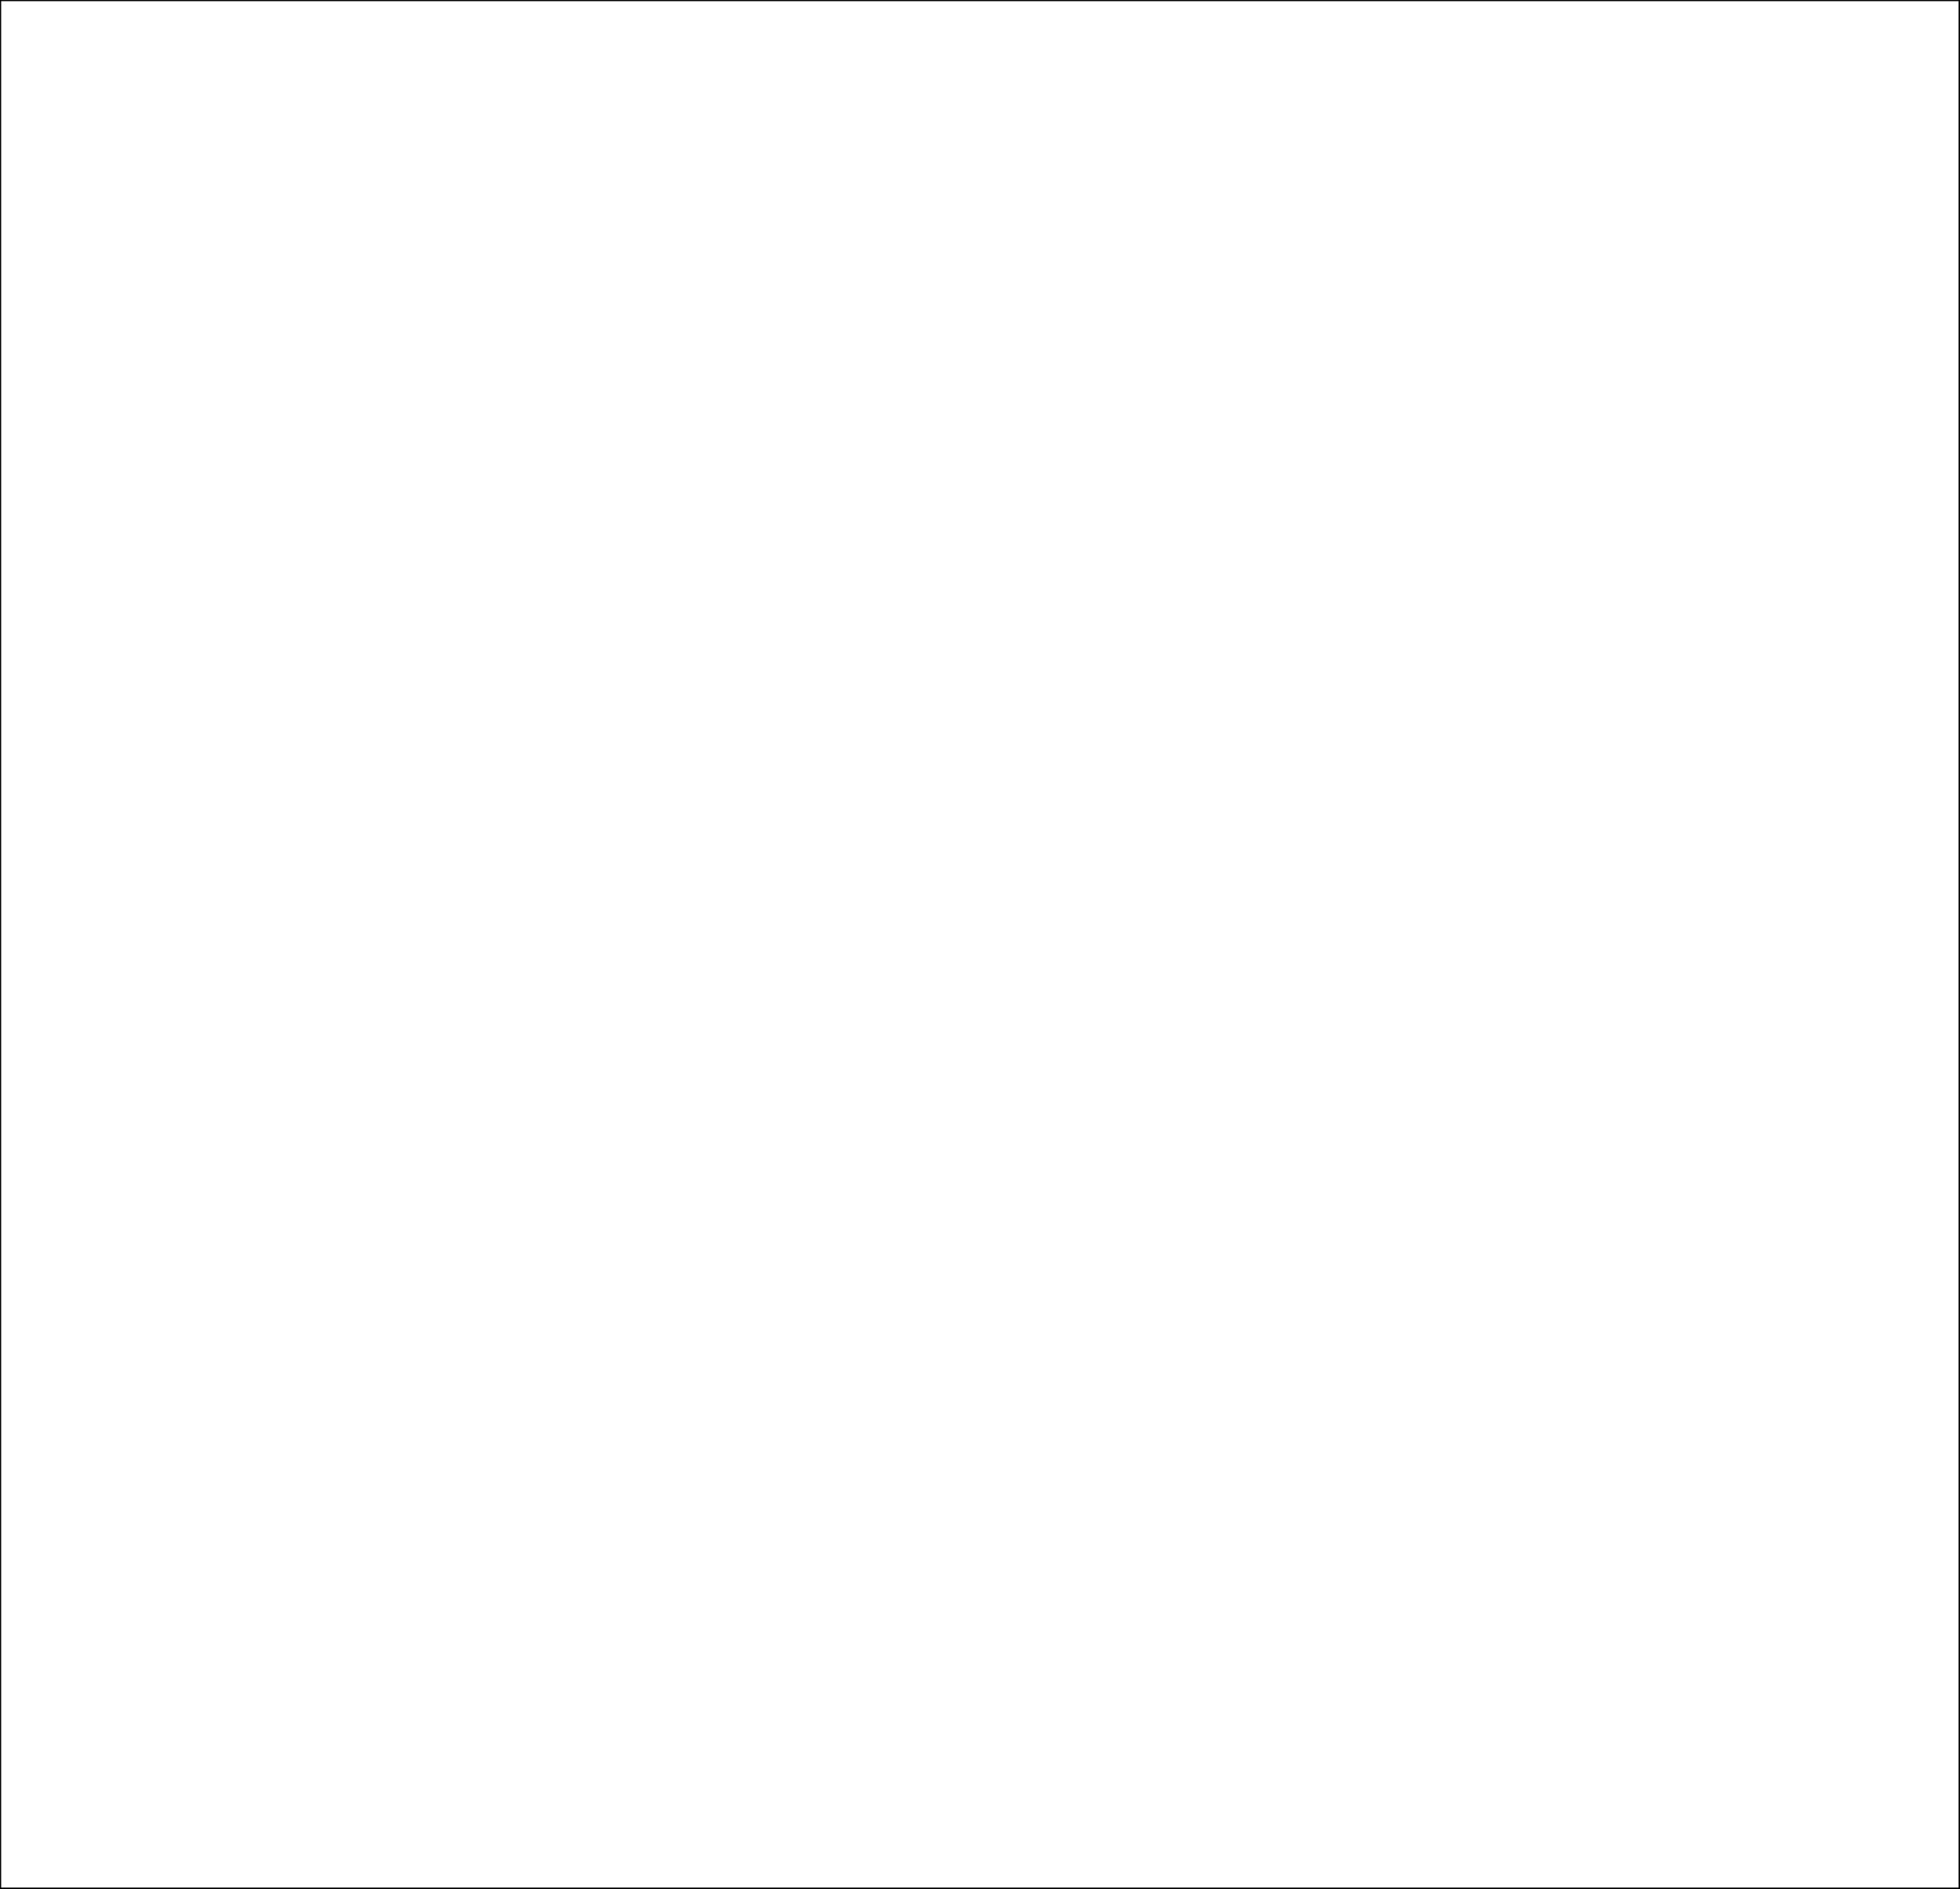 2008 - Shuang Yang*, J. Roman Arguello*, XinLi, Yun Ding, Qi Zhou, Ying Chen, Yue Zhang, Ruoping Zhao, Frederic Brunet, Lixin Peng, Manyuan Long, Wen Wang. Repetitive Element-mediated Recombination as a Mechanism for New Gene Origination in Drosophila. PLoS Genetics, 4(1): e3.